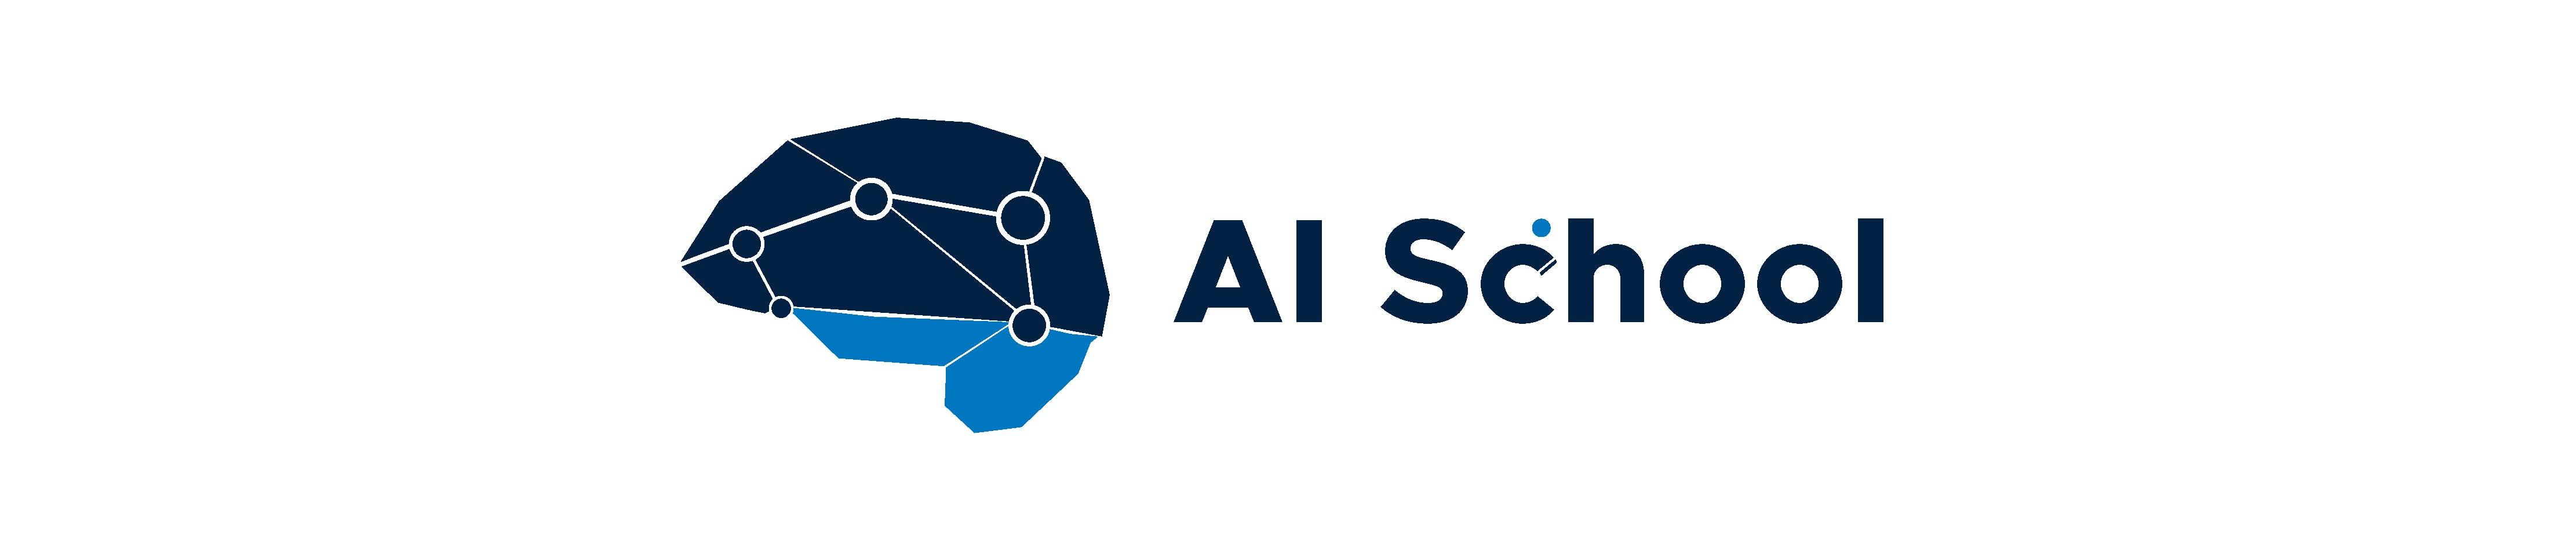 AI School Logo